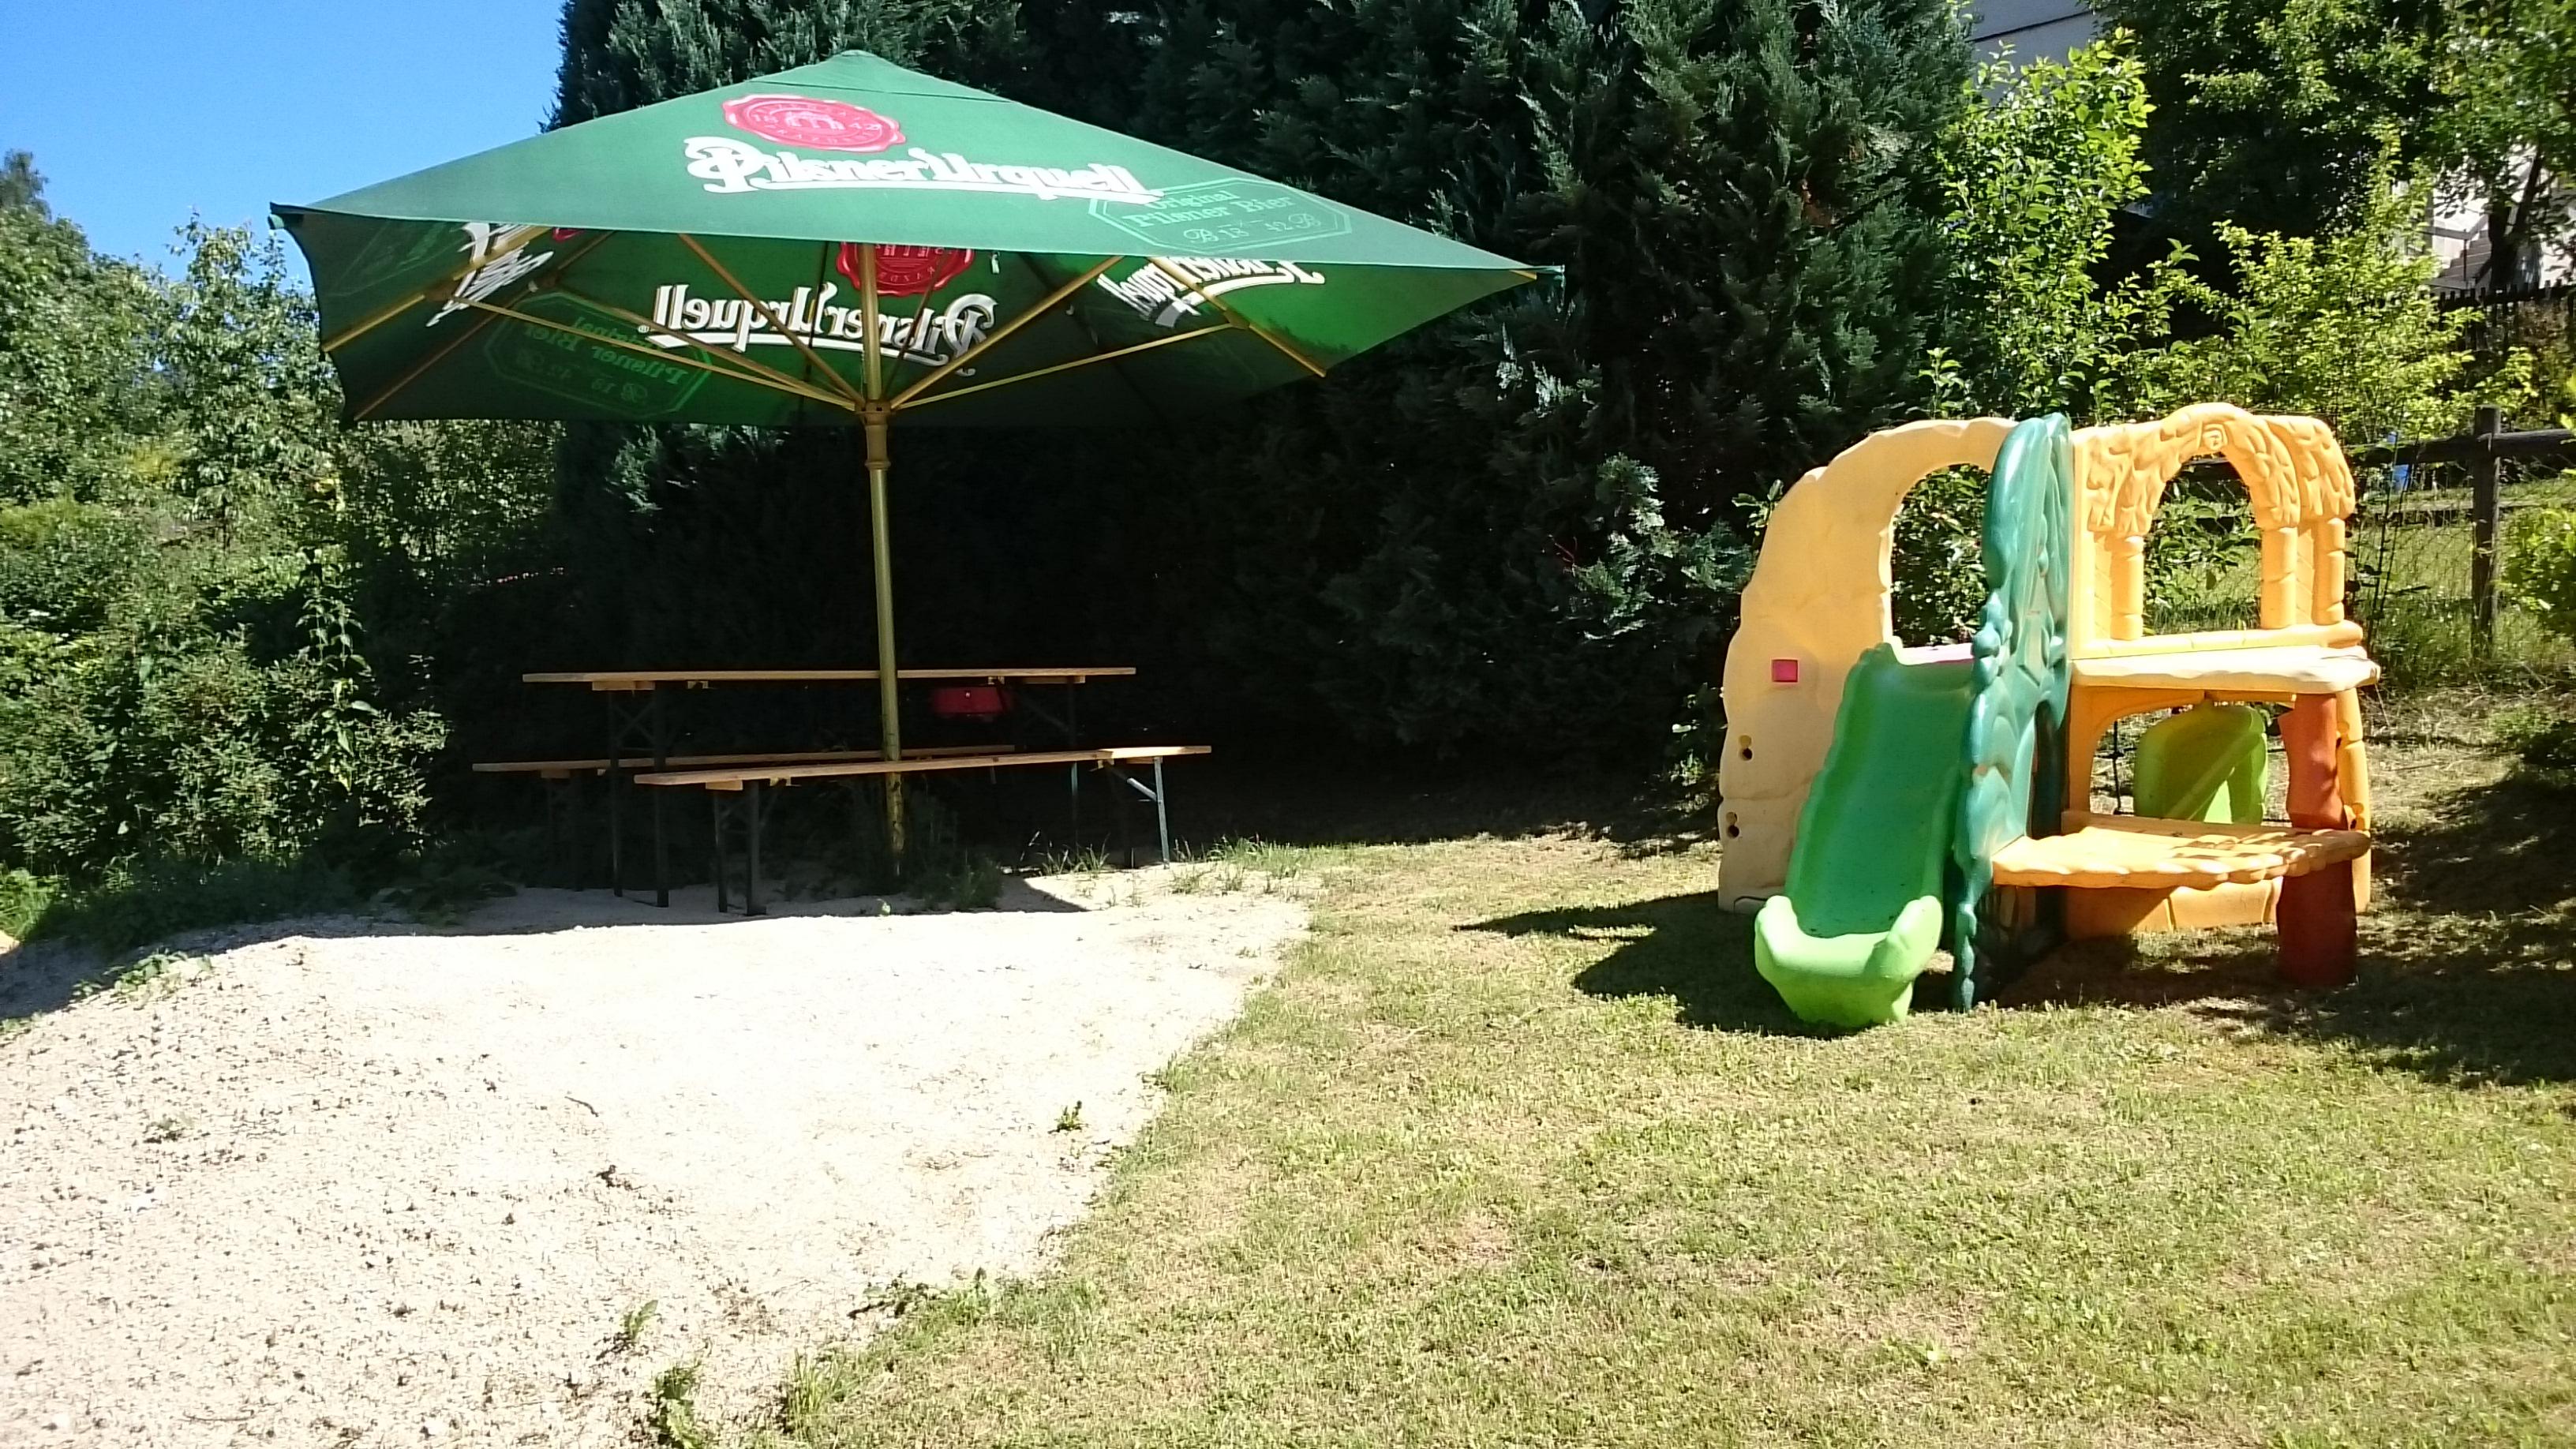 Dětské hřiště/ Playground / Spielplatz